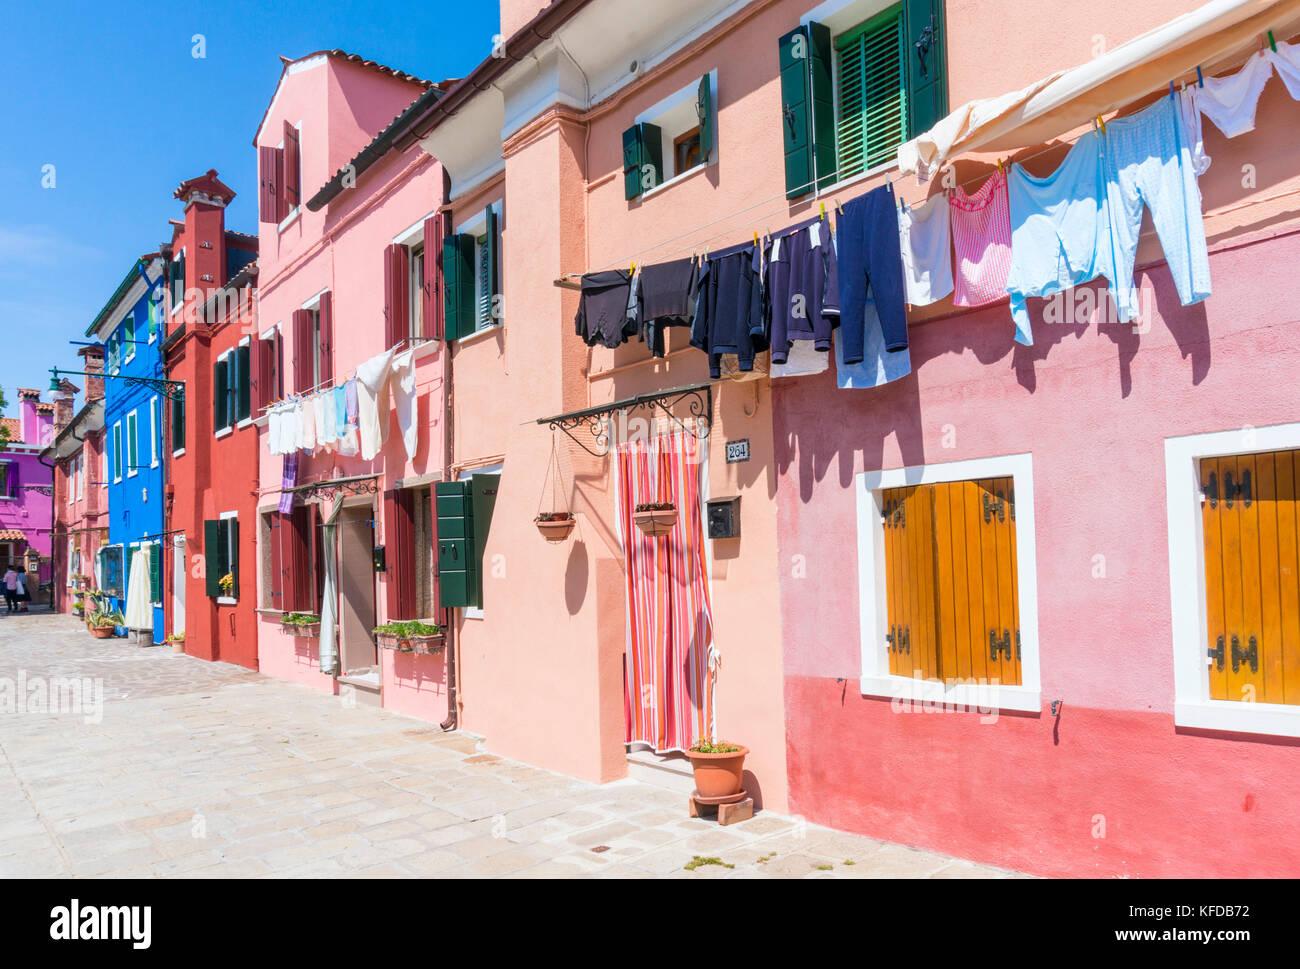 Venise ITALIE VENISE maisons colorées le long d'un canal sur l'île de Burano lagune de Venise Photo Stock